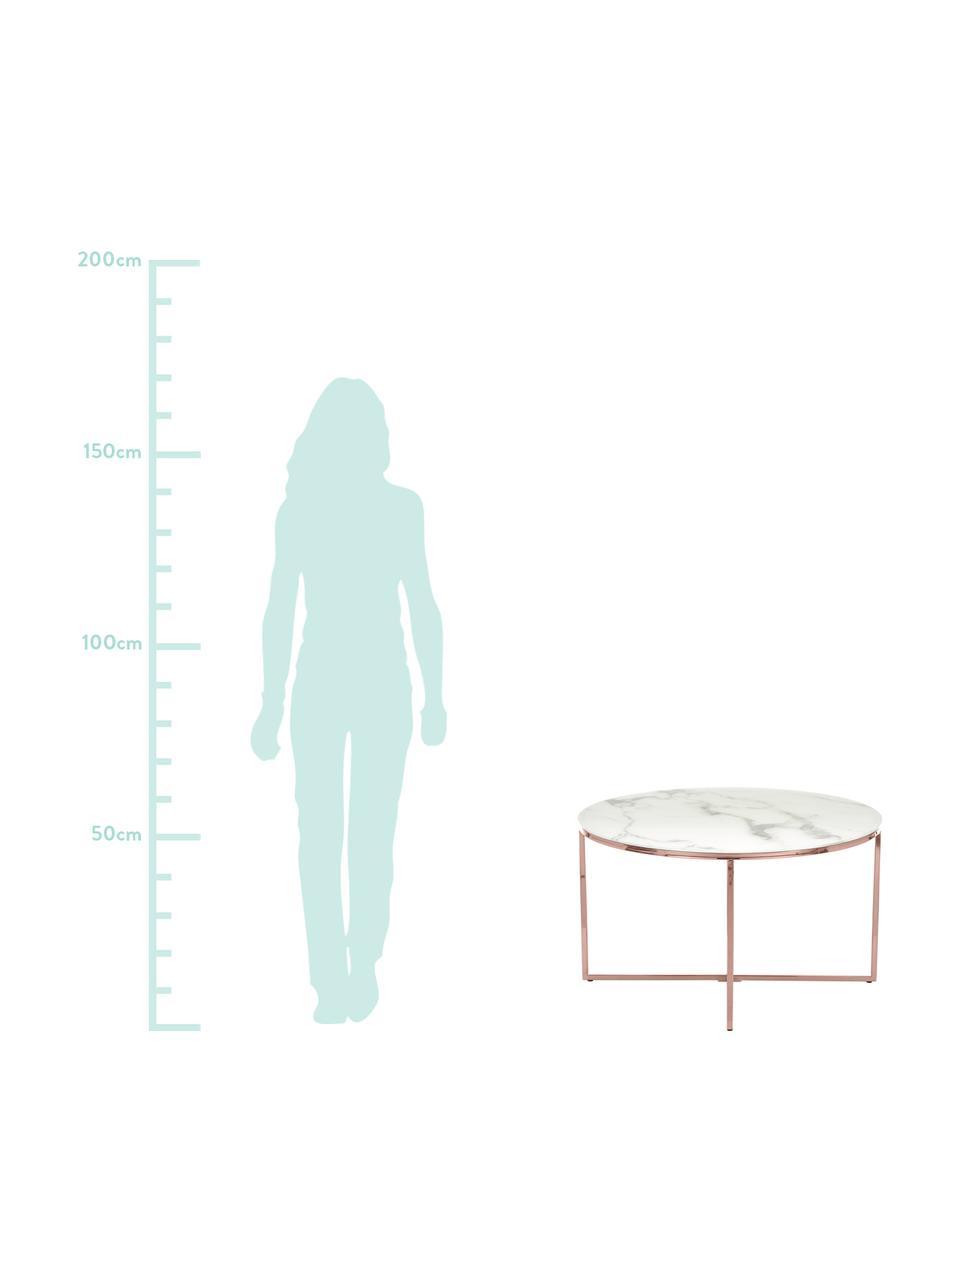 Couchtisch Antigua mit marmorierter Glasplatte, Tischplatte: Glas, matt bedruckt, Gestell: Stahl, vermessingt, Weiss-grau marmoriert, Roséfarben, Ø 80 x H 45 cm